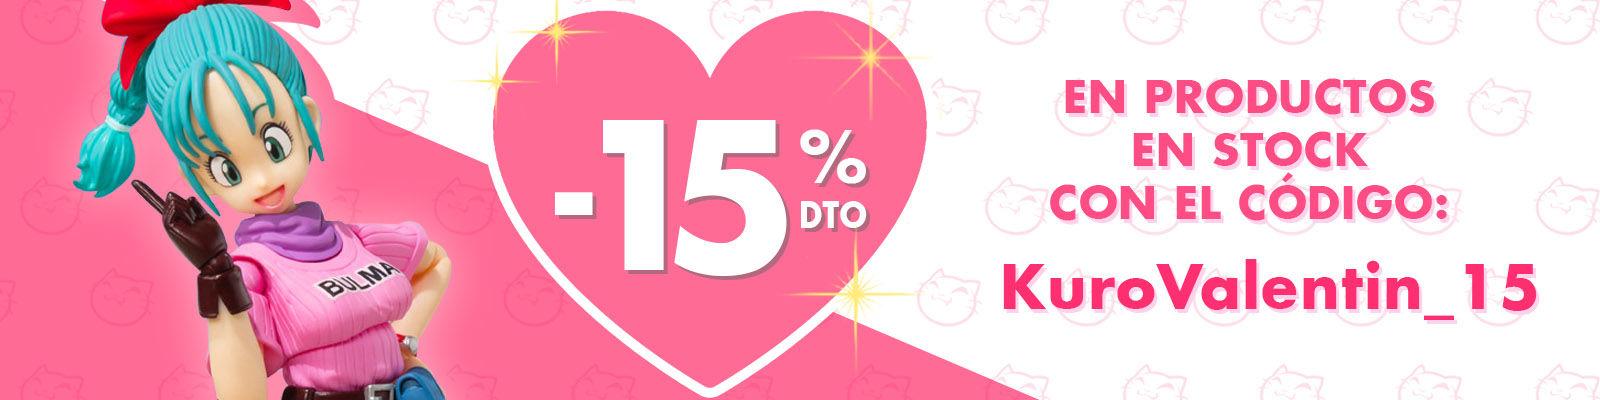 San_Valentín_15%_dto_en_productos_en_Stock